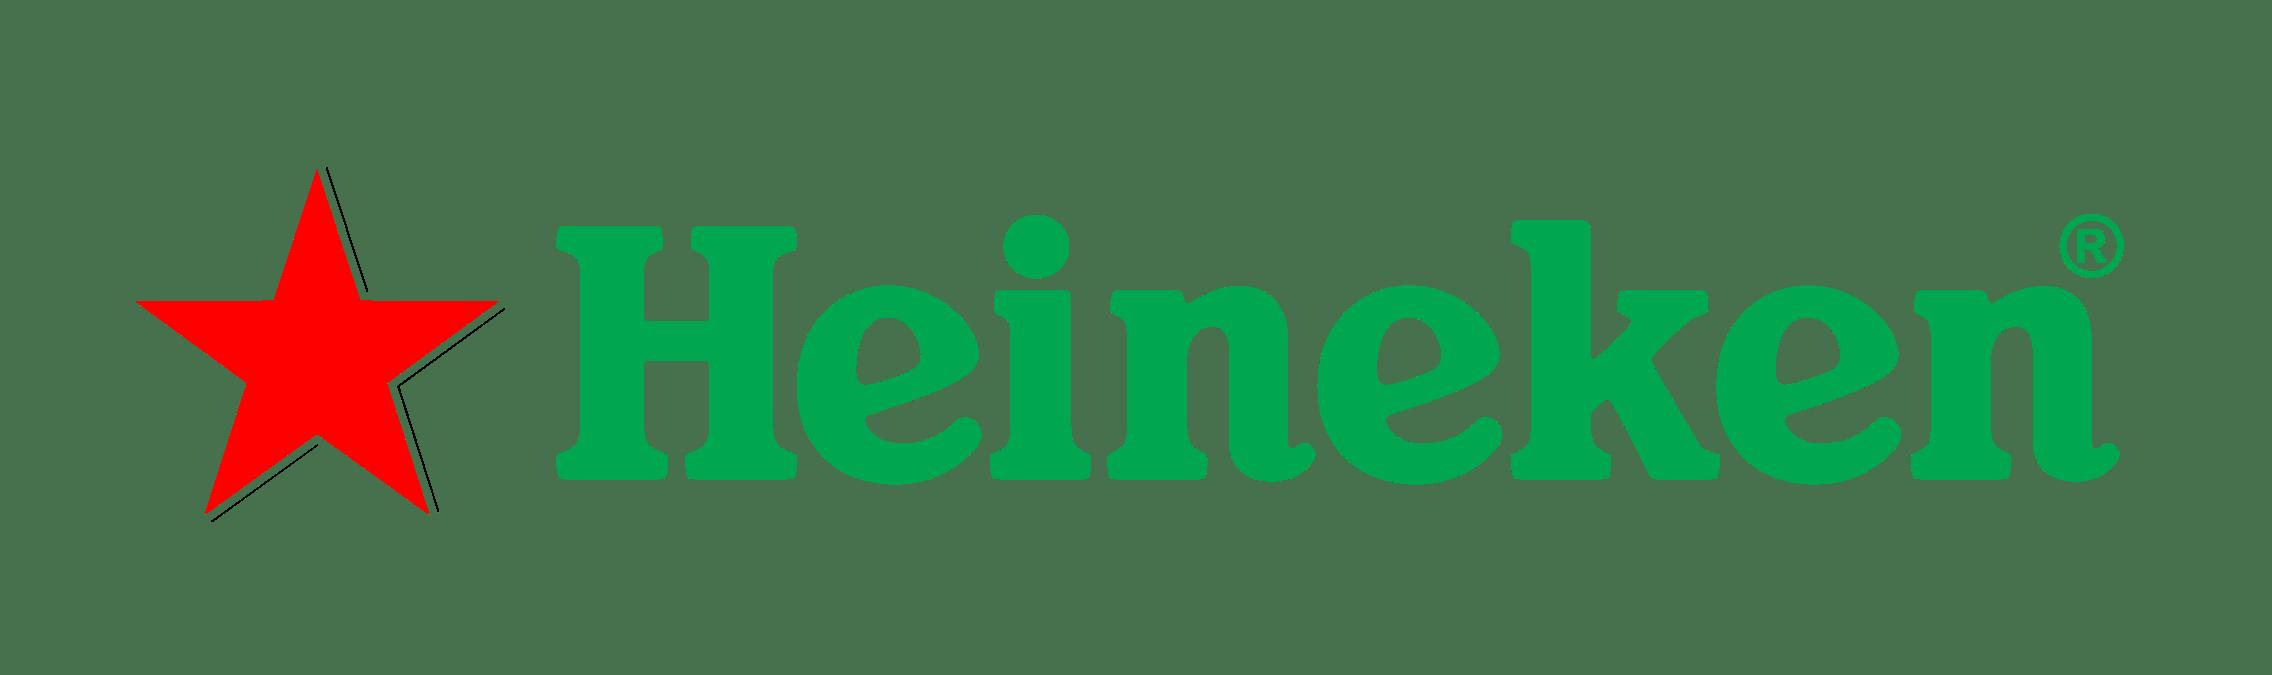 Robot despaletizador Heineken